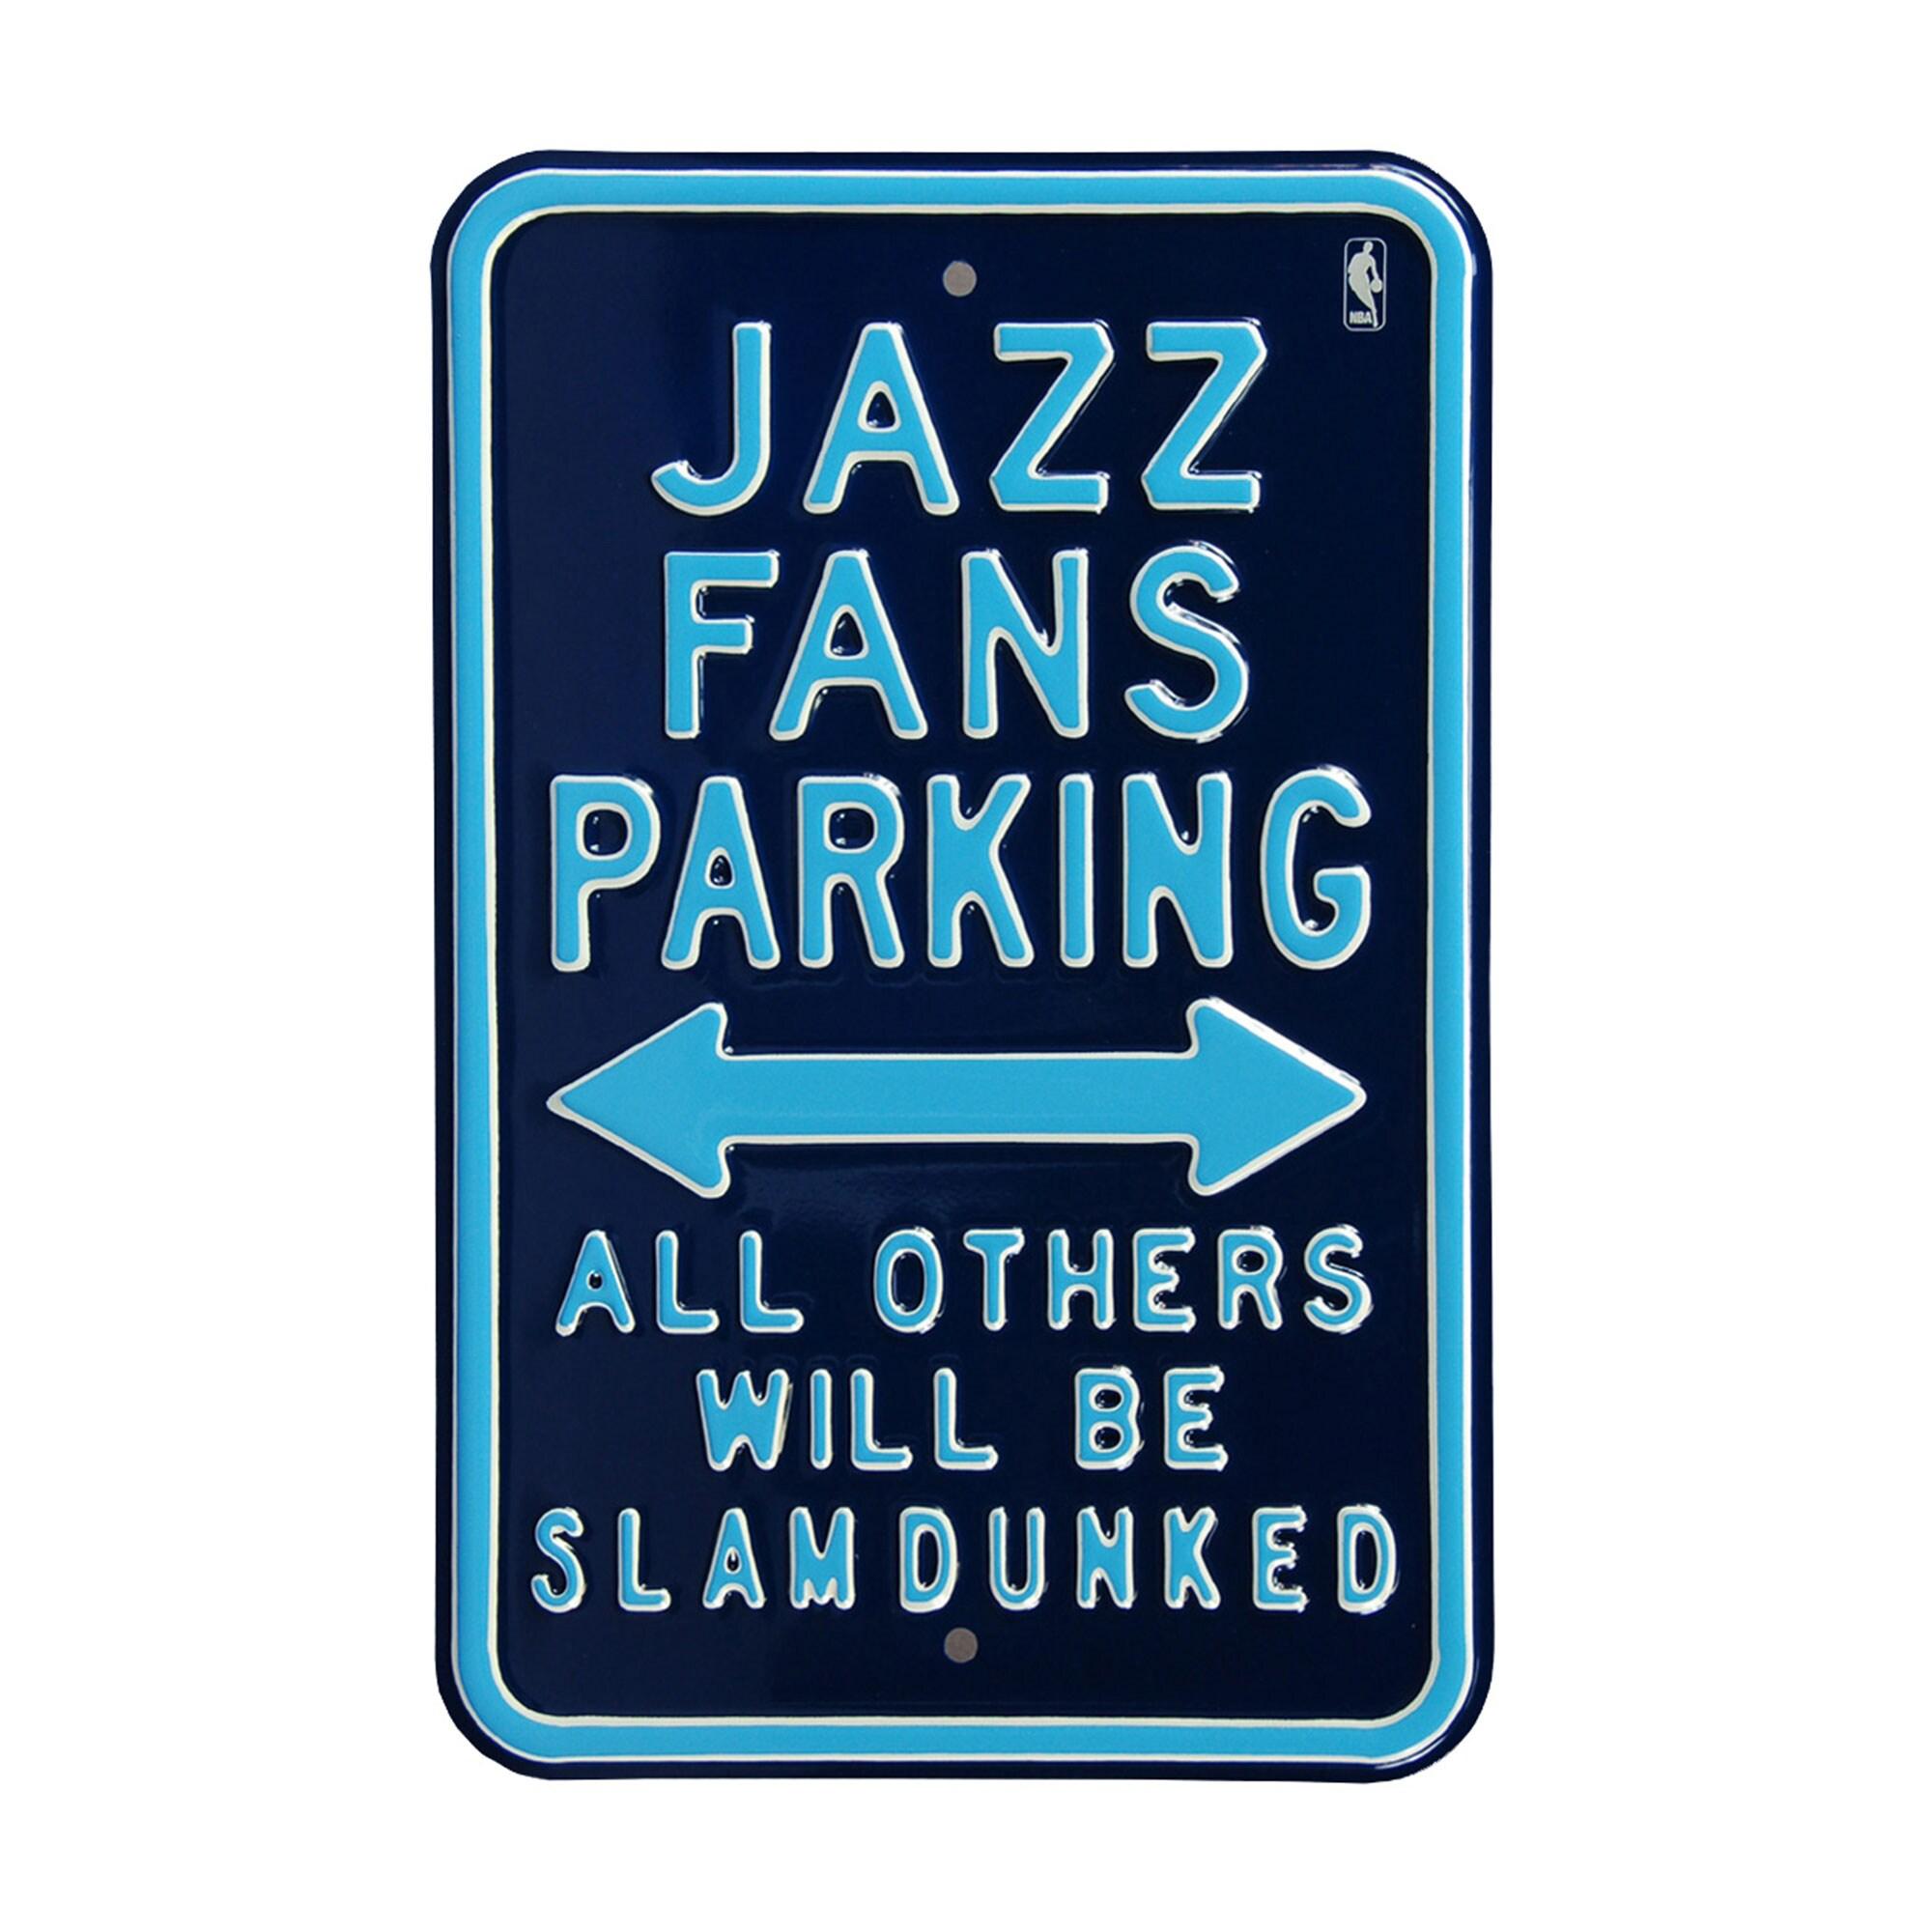 Utah Jazz Steel Parking Street Sign